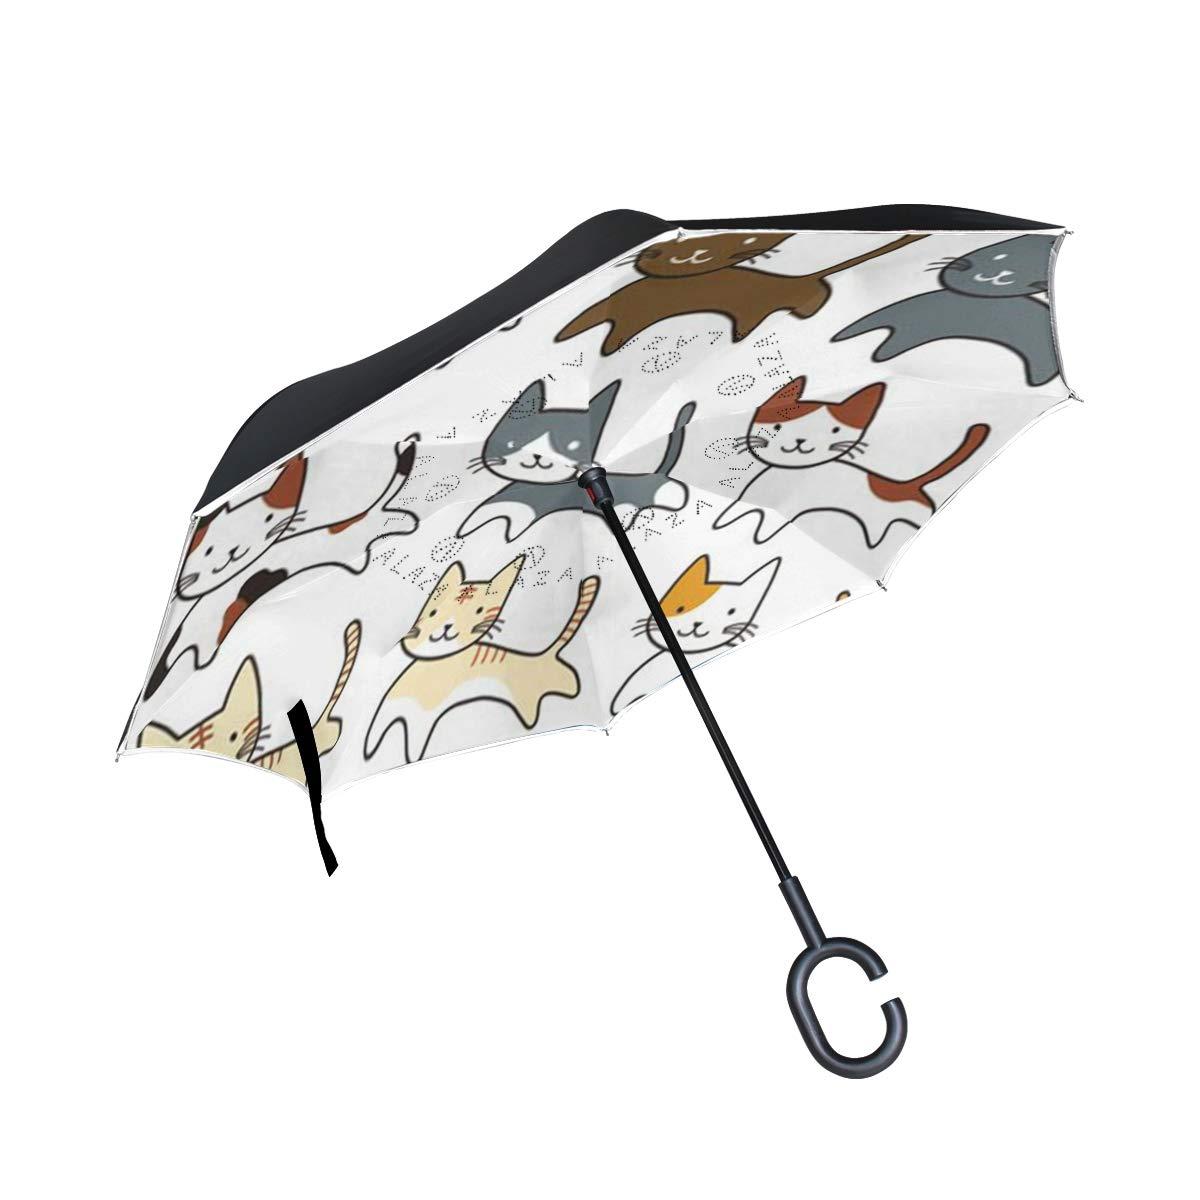 逆さ傘 かわいいパンダ 逆さ傘 UV保護 防風 車 雨 日光 アウトドア ブラック One Size 写真3 B07KF37DD4